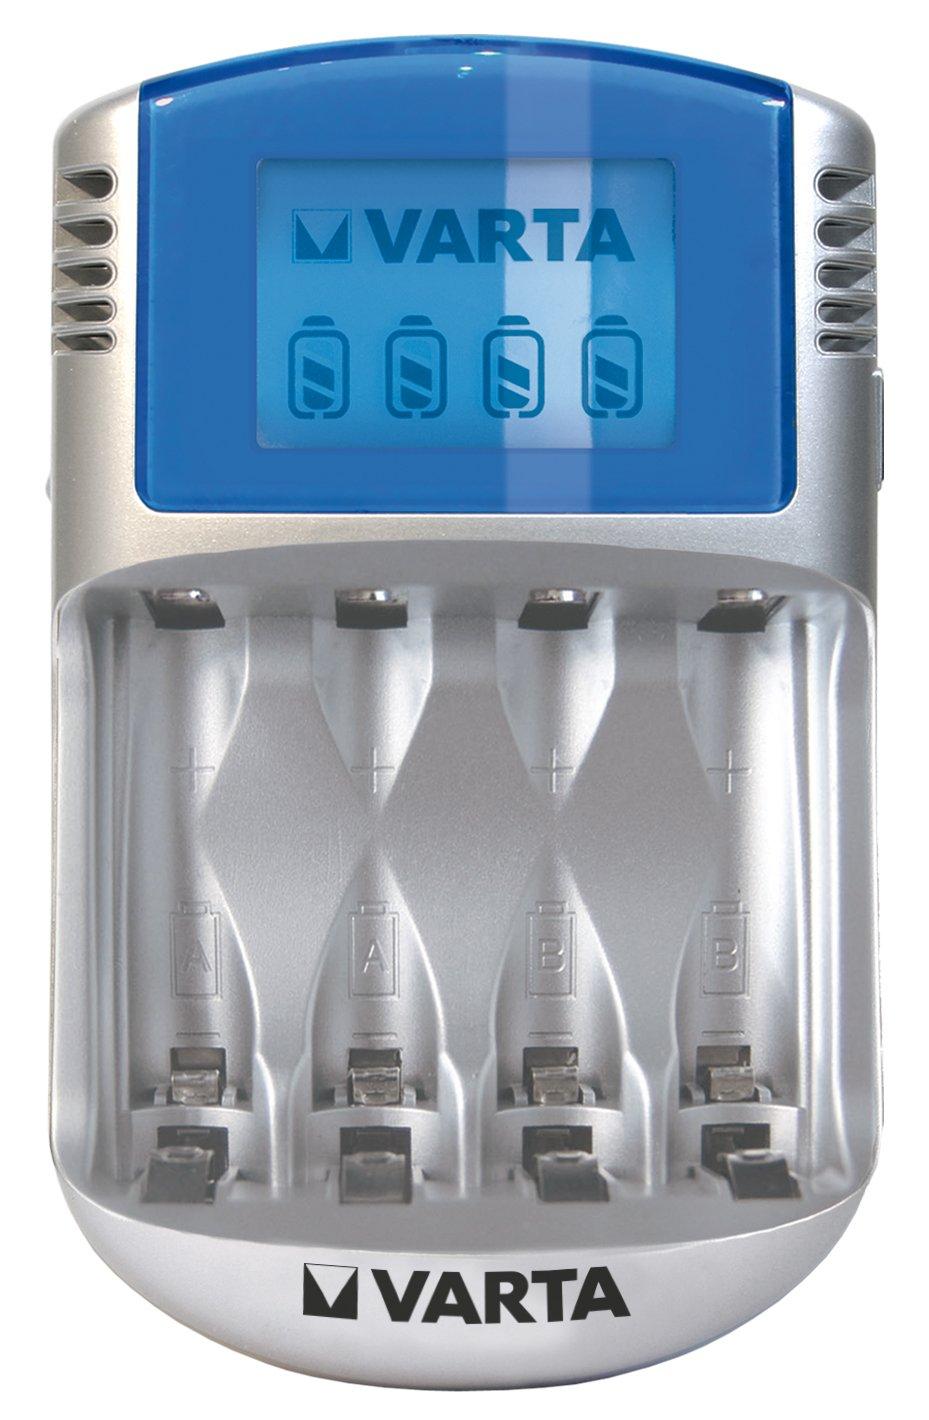 Varta LCD Charger Cargador con cable USB y adaptador de 12 V